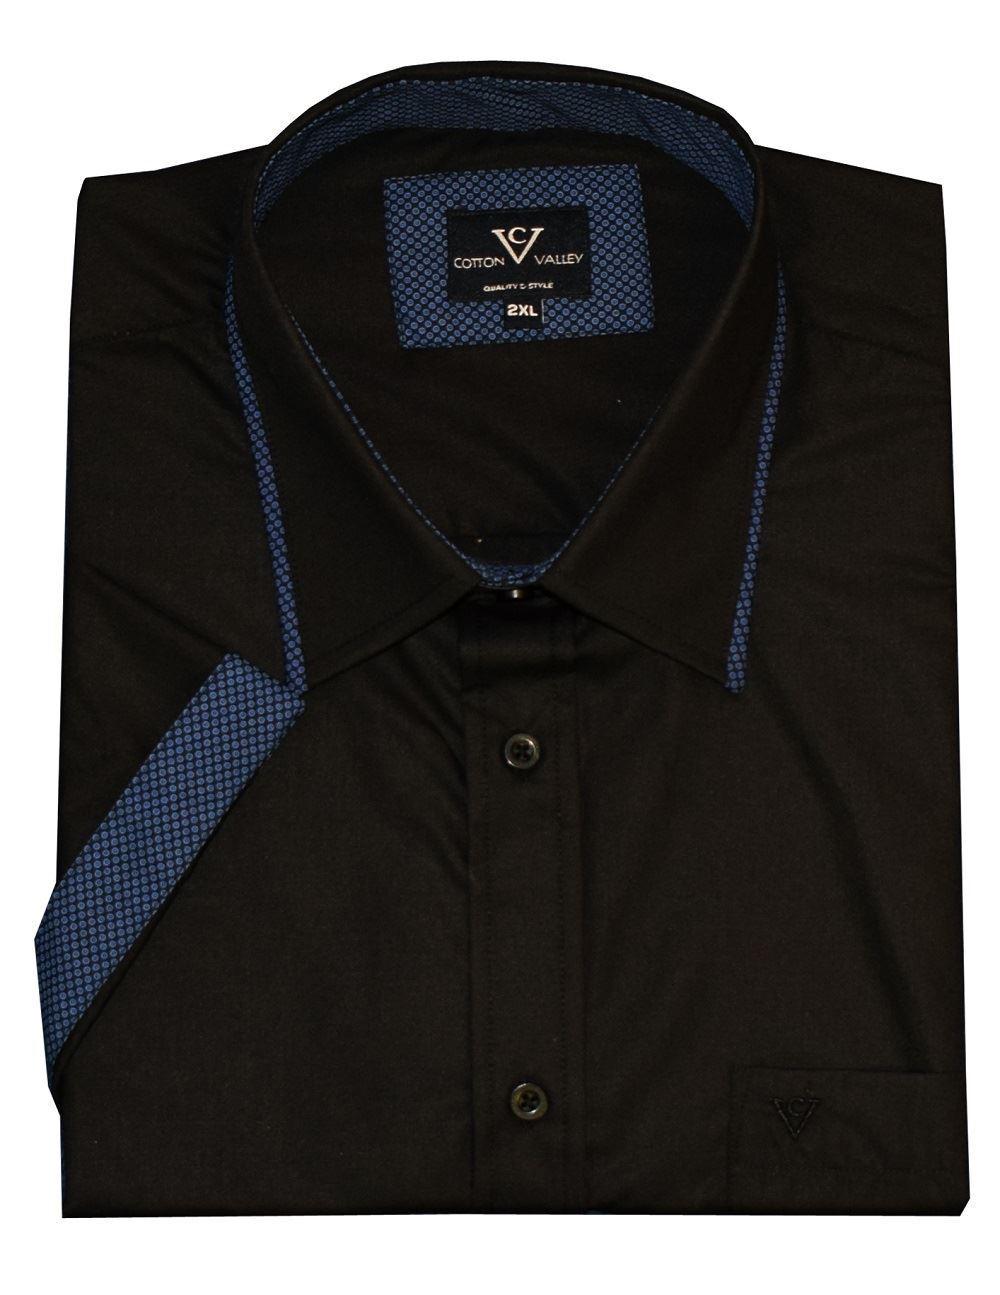 Cotton Valley Valley Valley Uomo Manica Corta Camicia Alla moda (14346) NERO   Blu 0968b0